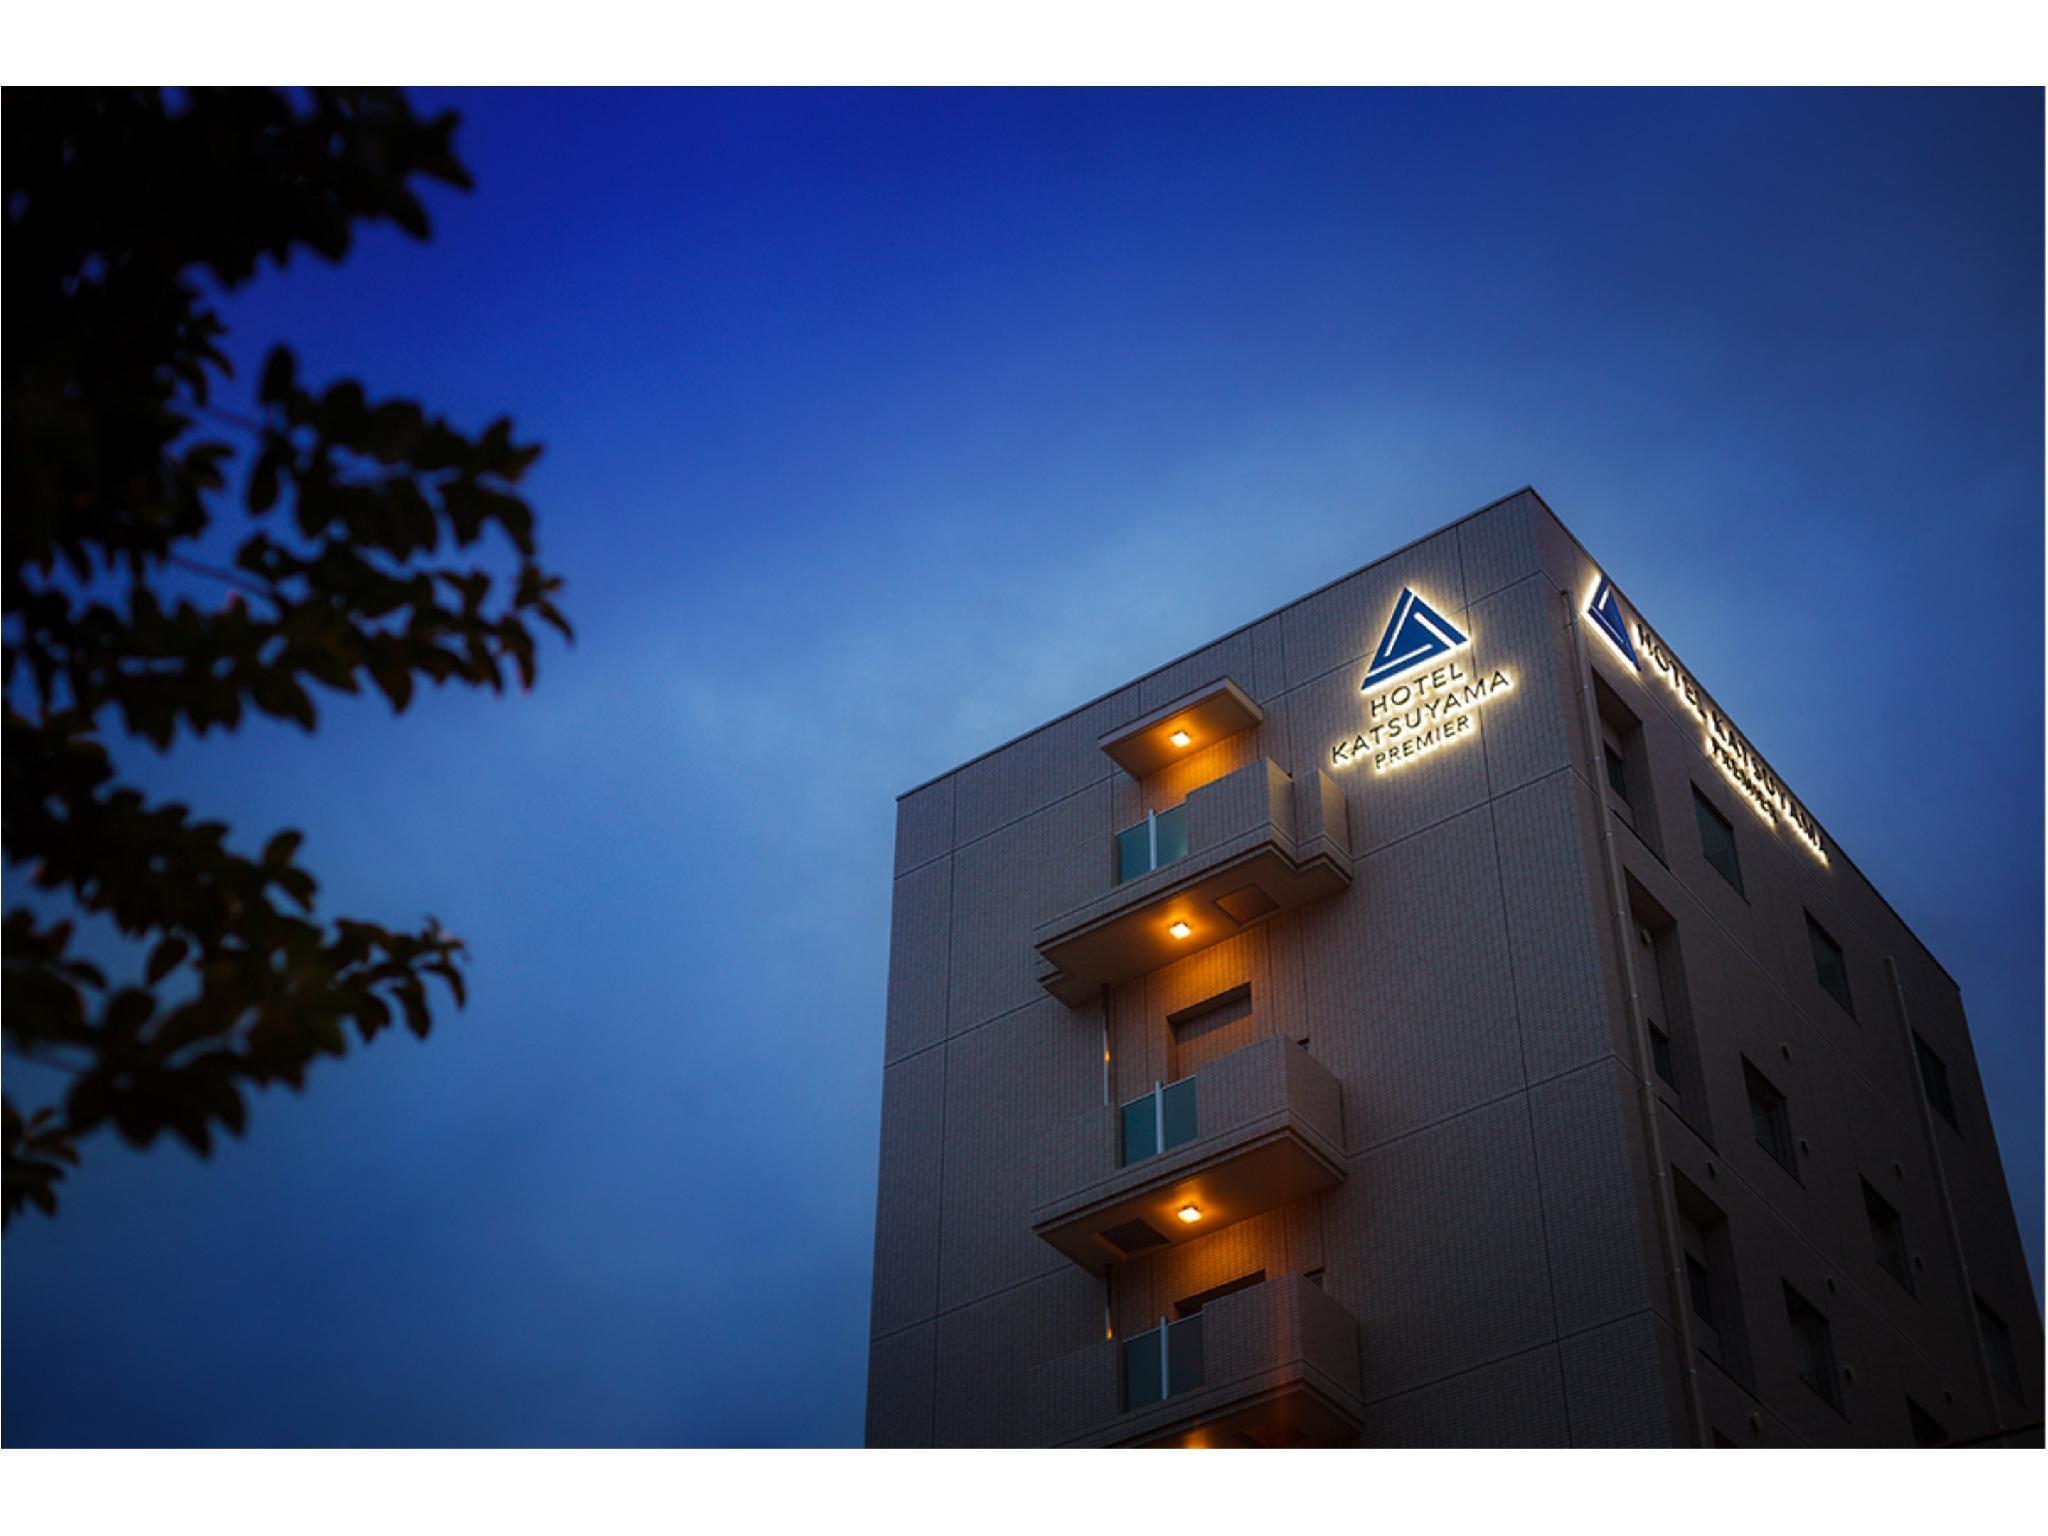 Hotel Katsuyama